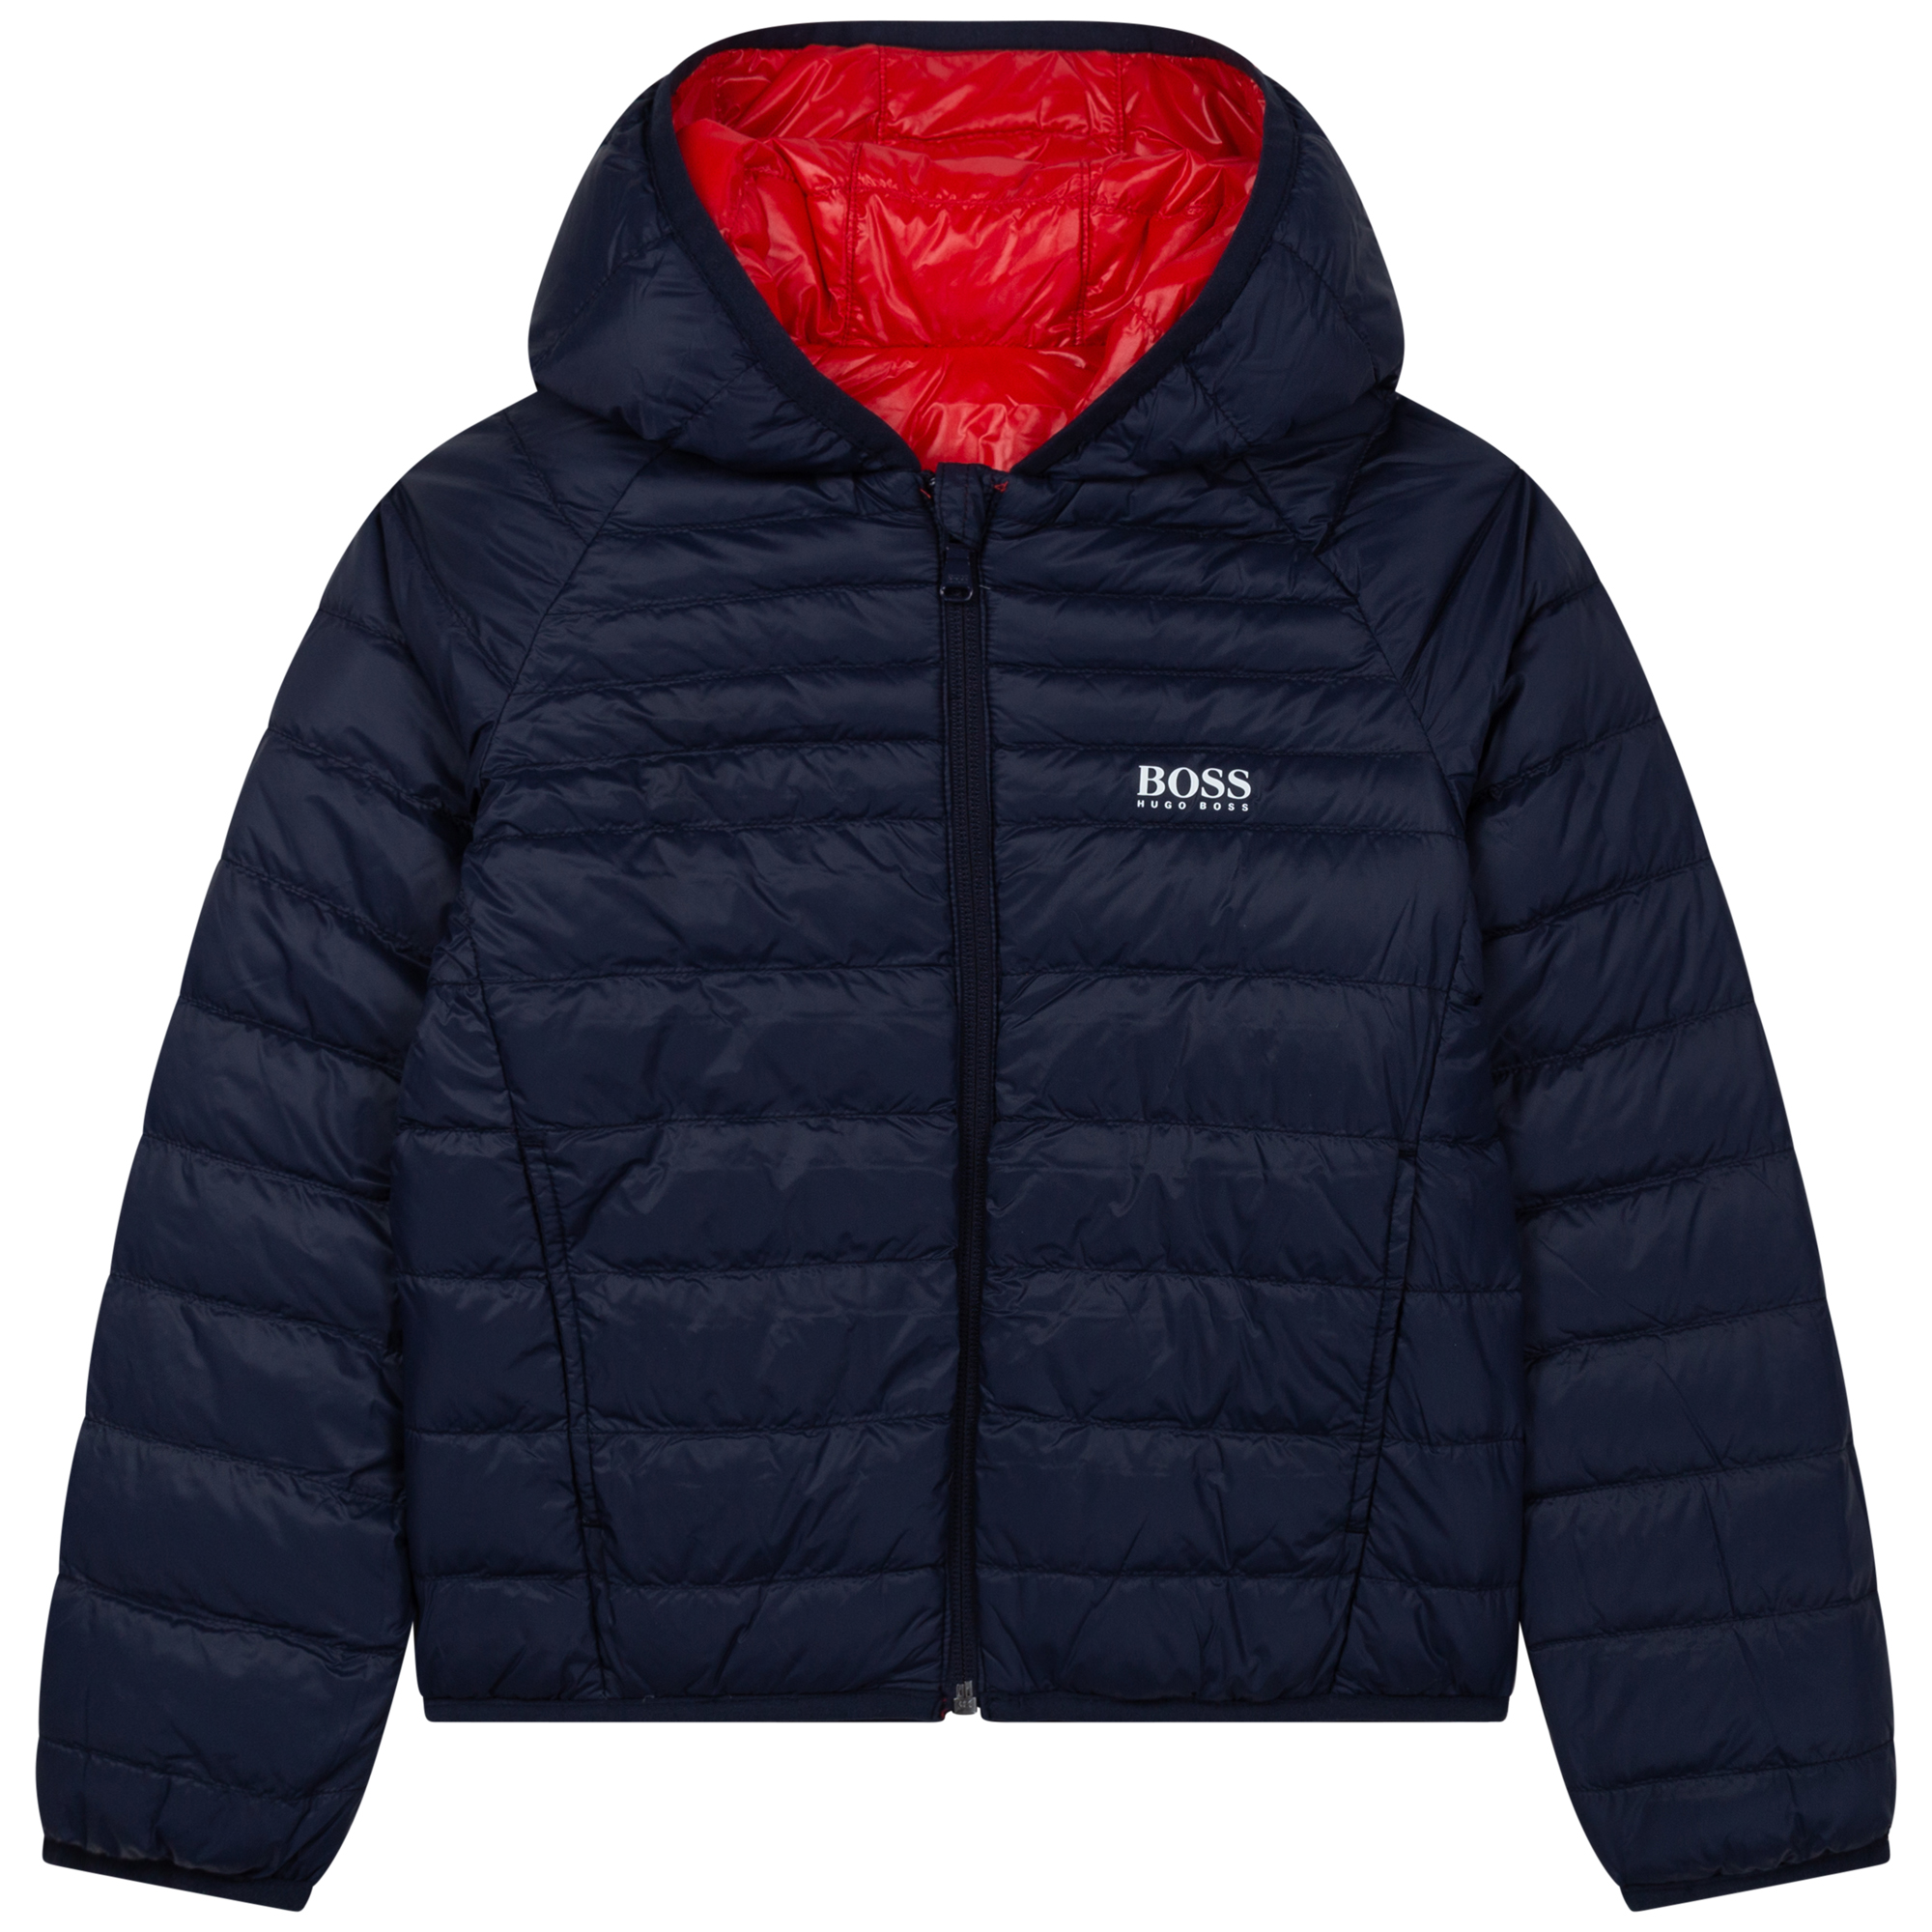 Reversible waterproof down jacket BOSS for BOY